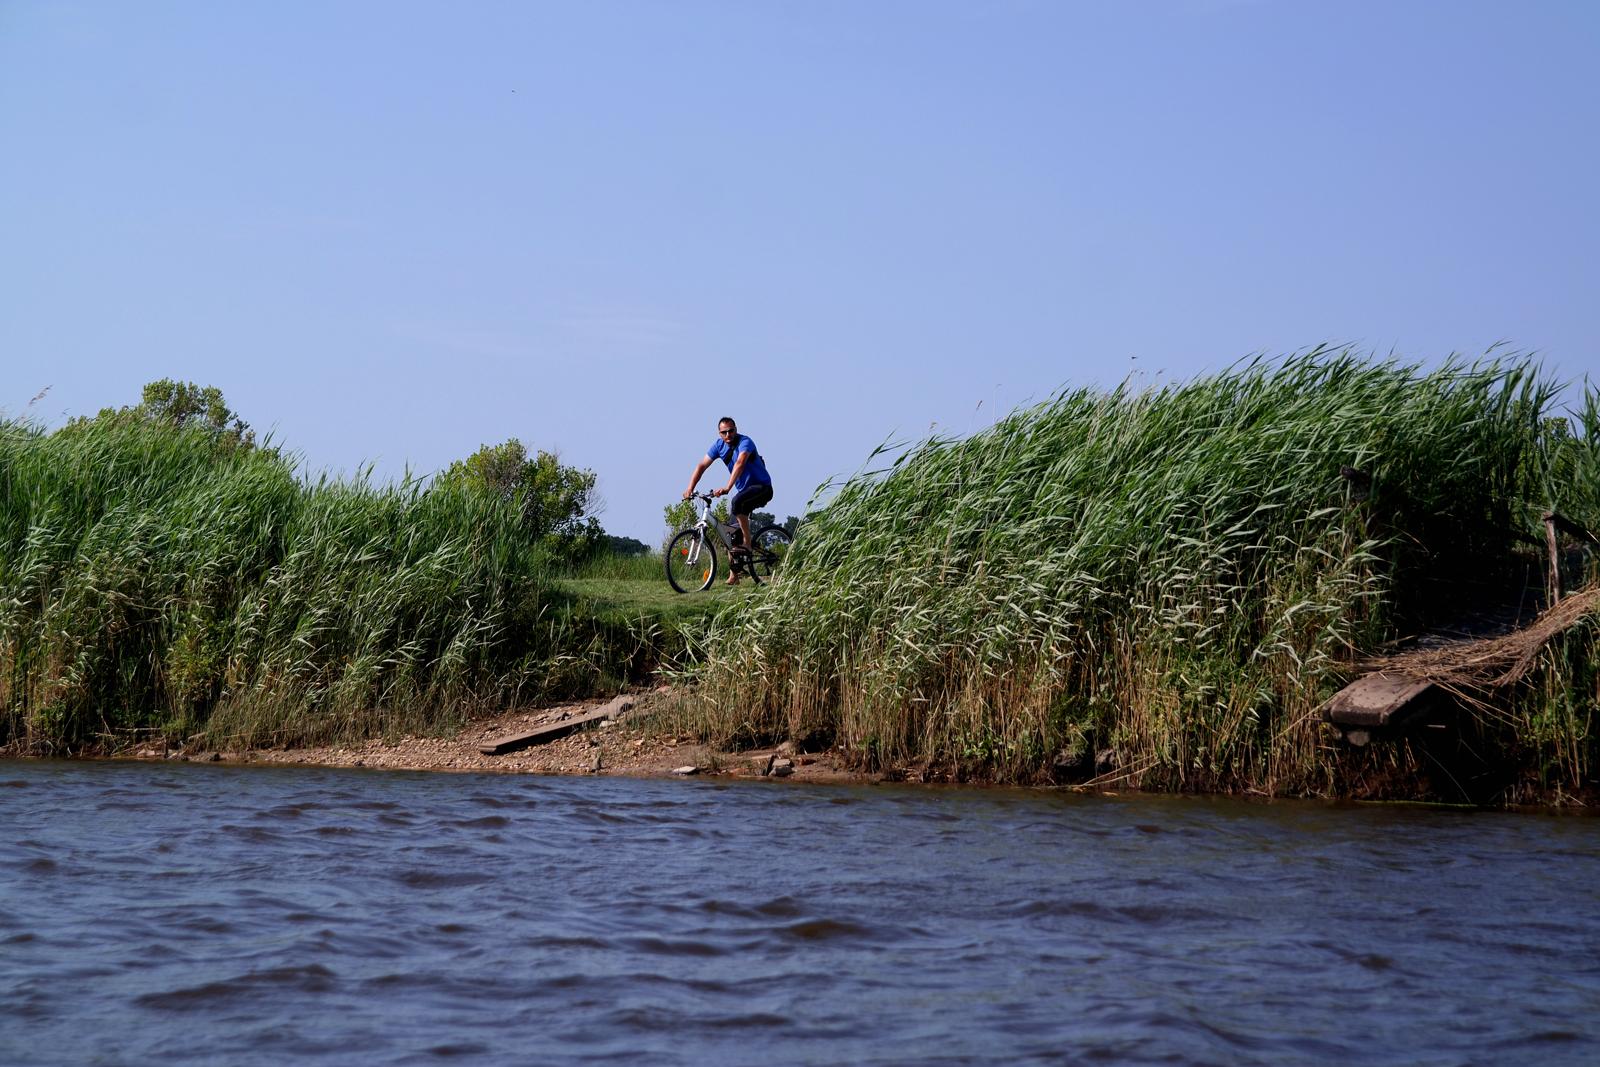 Randonnée-vélo-Parc-Naturel-Régional-des-Landes-de-Gascogne-balade-découverte-Bassin-d-Arcachon-rivière-eyre-Port-de-Biganos-vacances-photo-by-united-states-of-paris